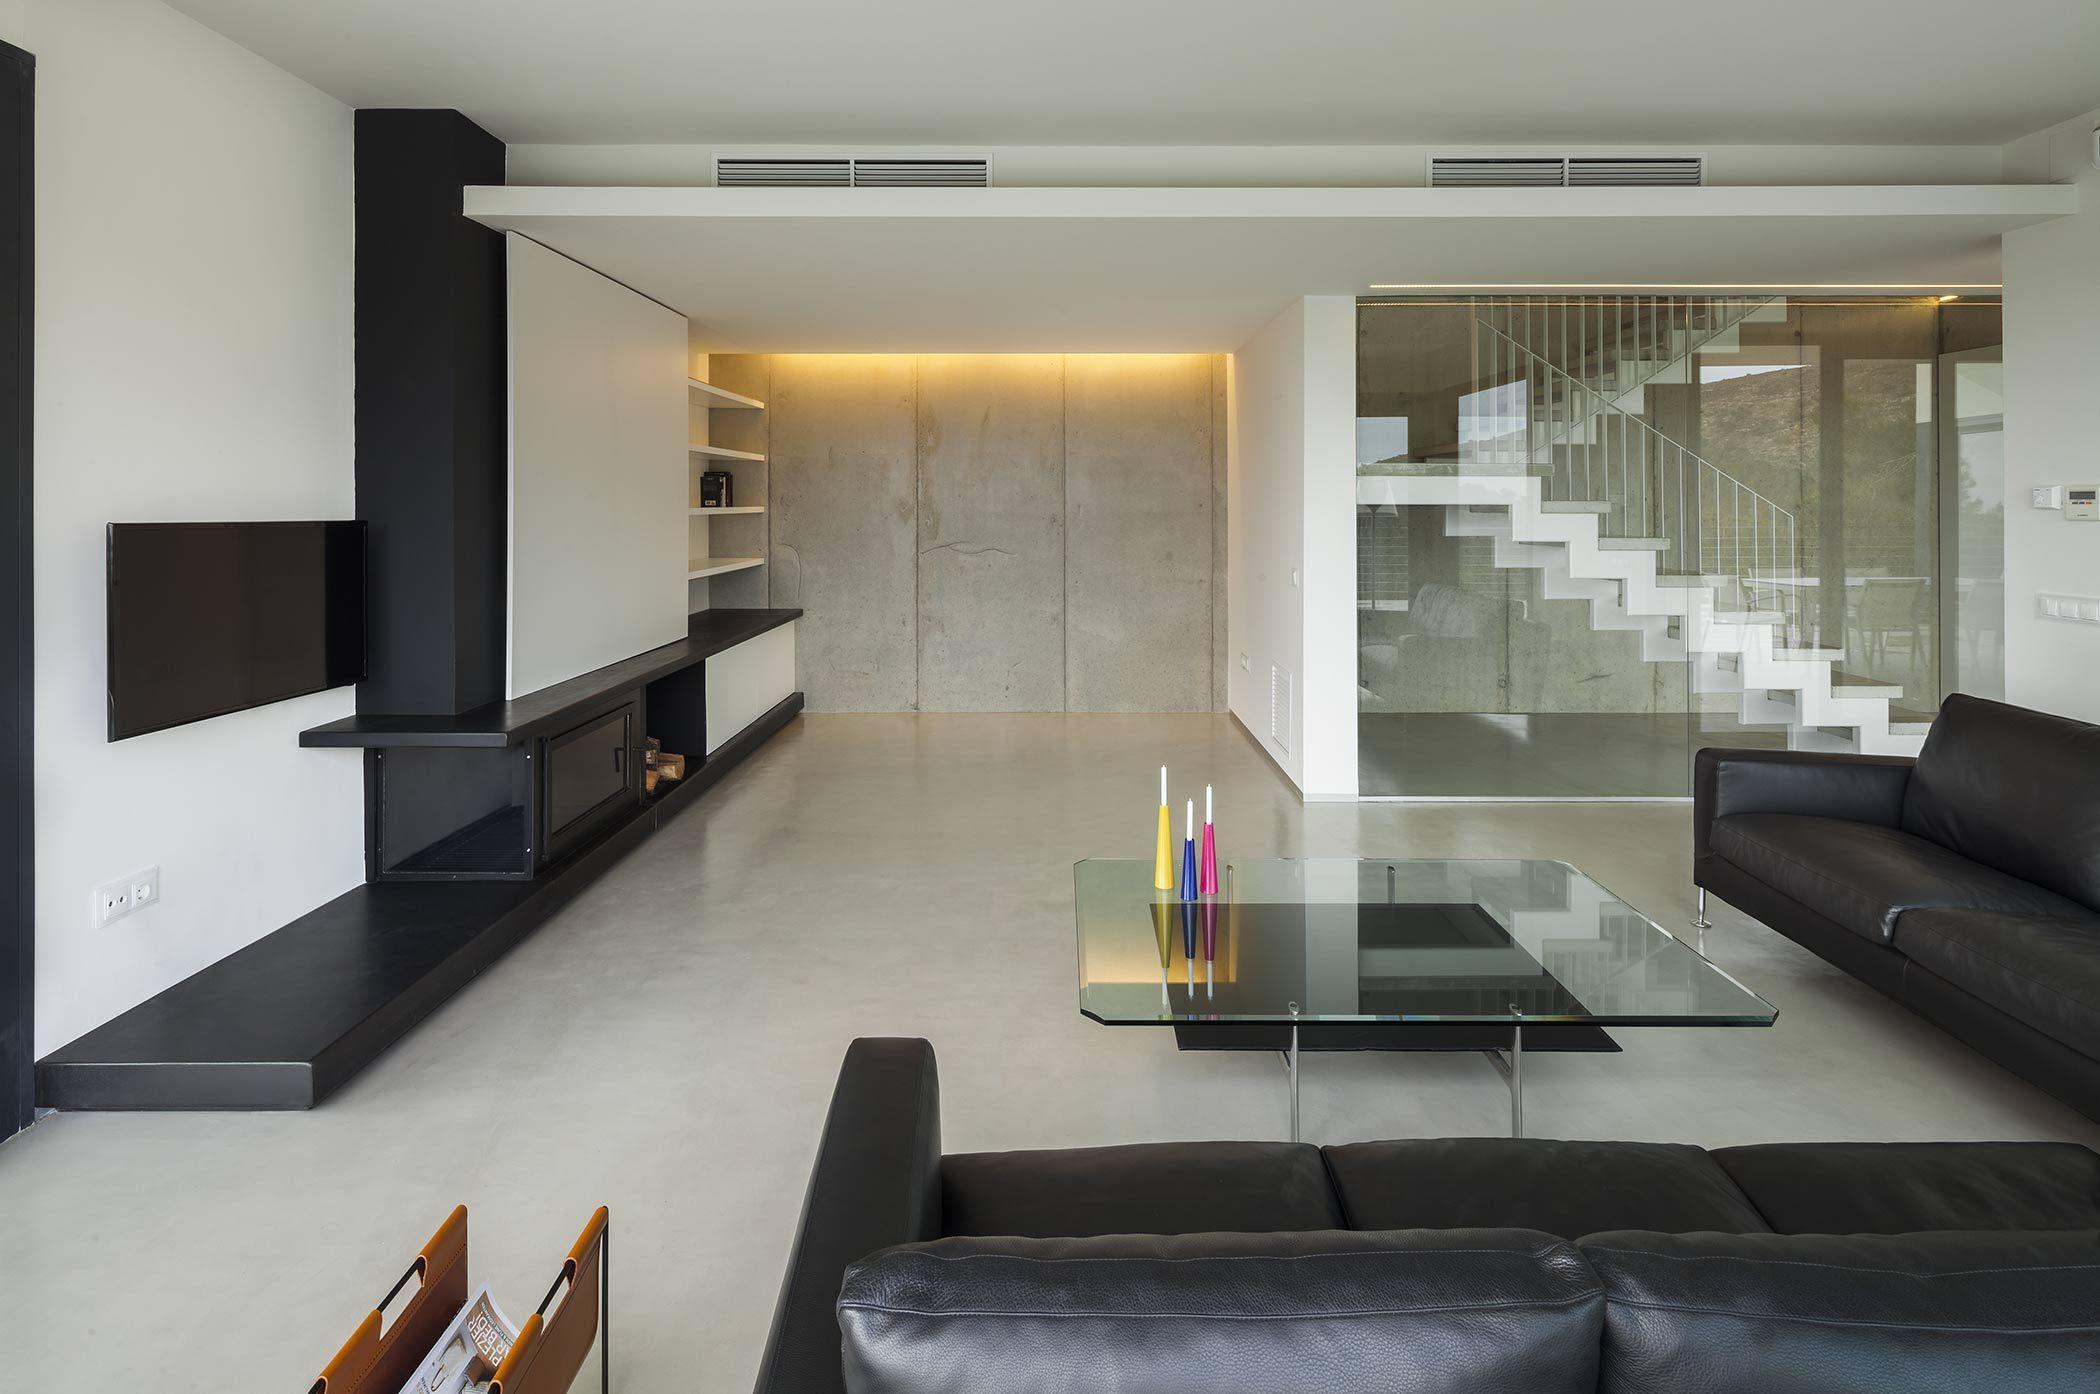 Casa dise o frente al mediterr neo sala pinterest for Diseno de interiores de casas modernas minimalistas